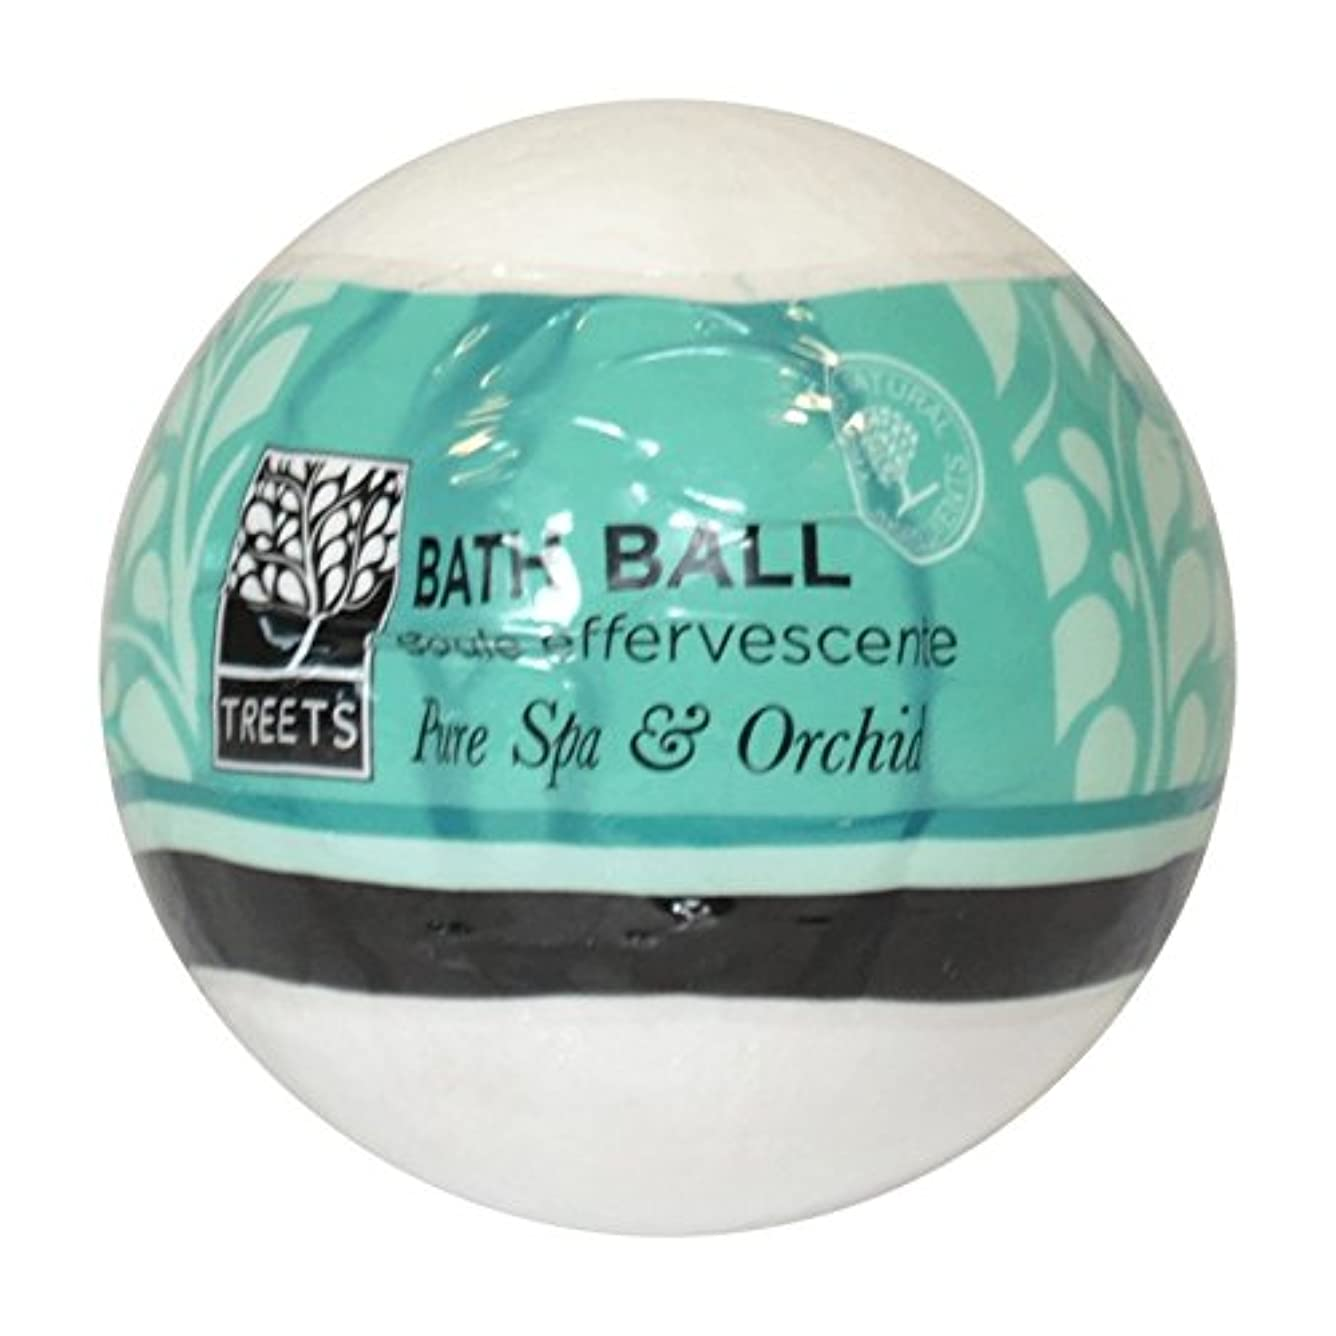 遺棄された悪名高い架空のTreets Orchid & Pure Spa Bath Ball (Pack of 6) - Treets蘭&純粋なスパバスボール (x6) [並行輸入品]